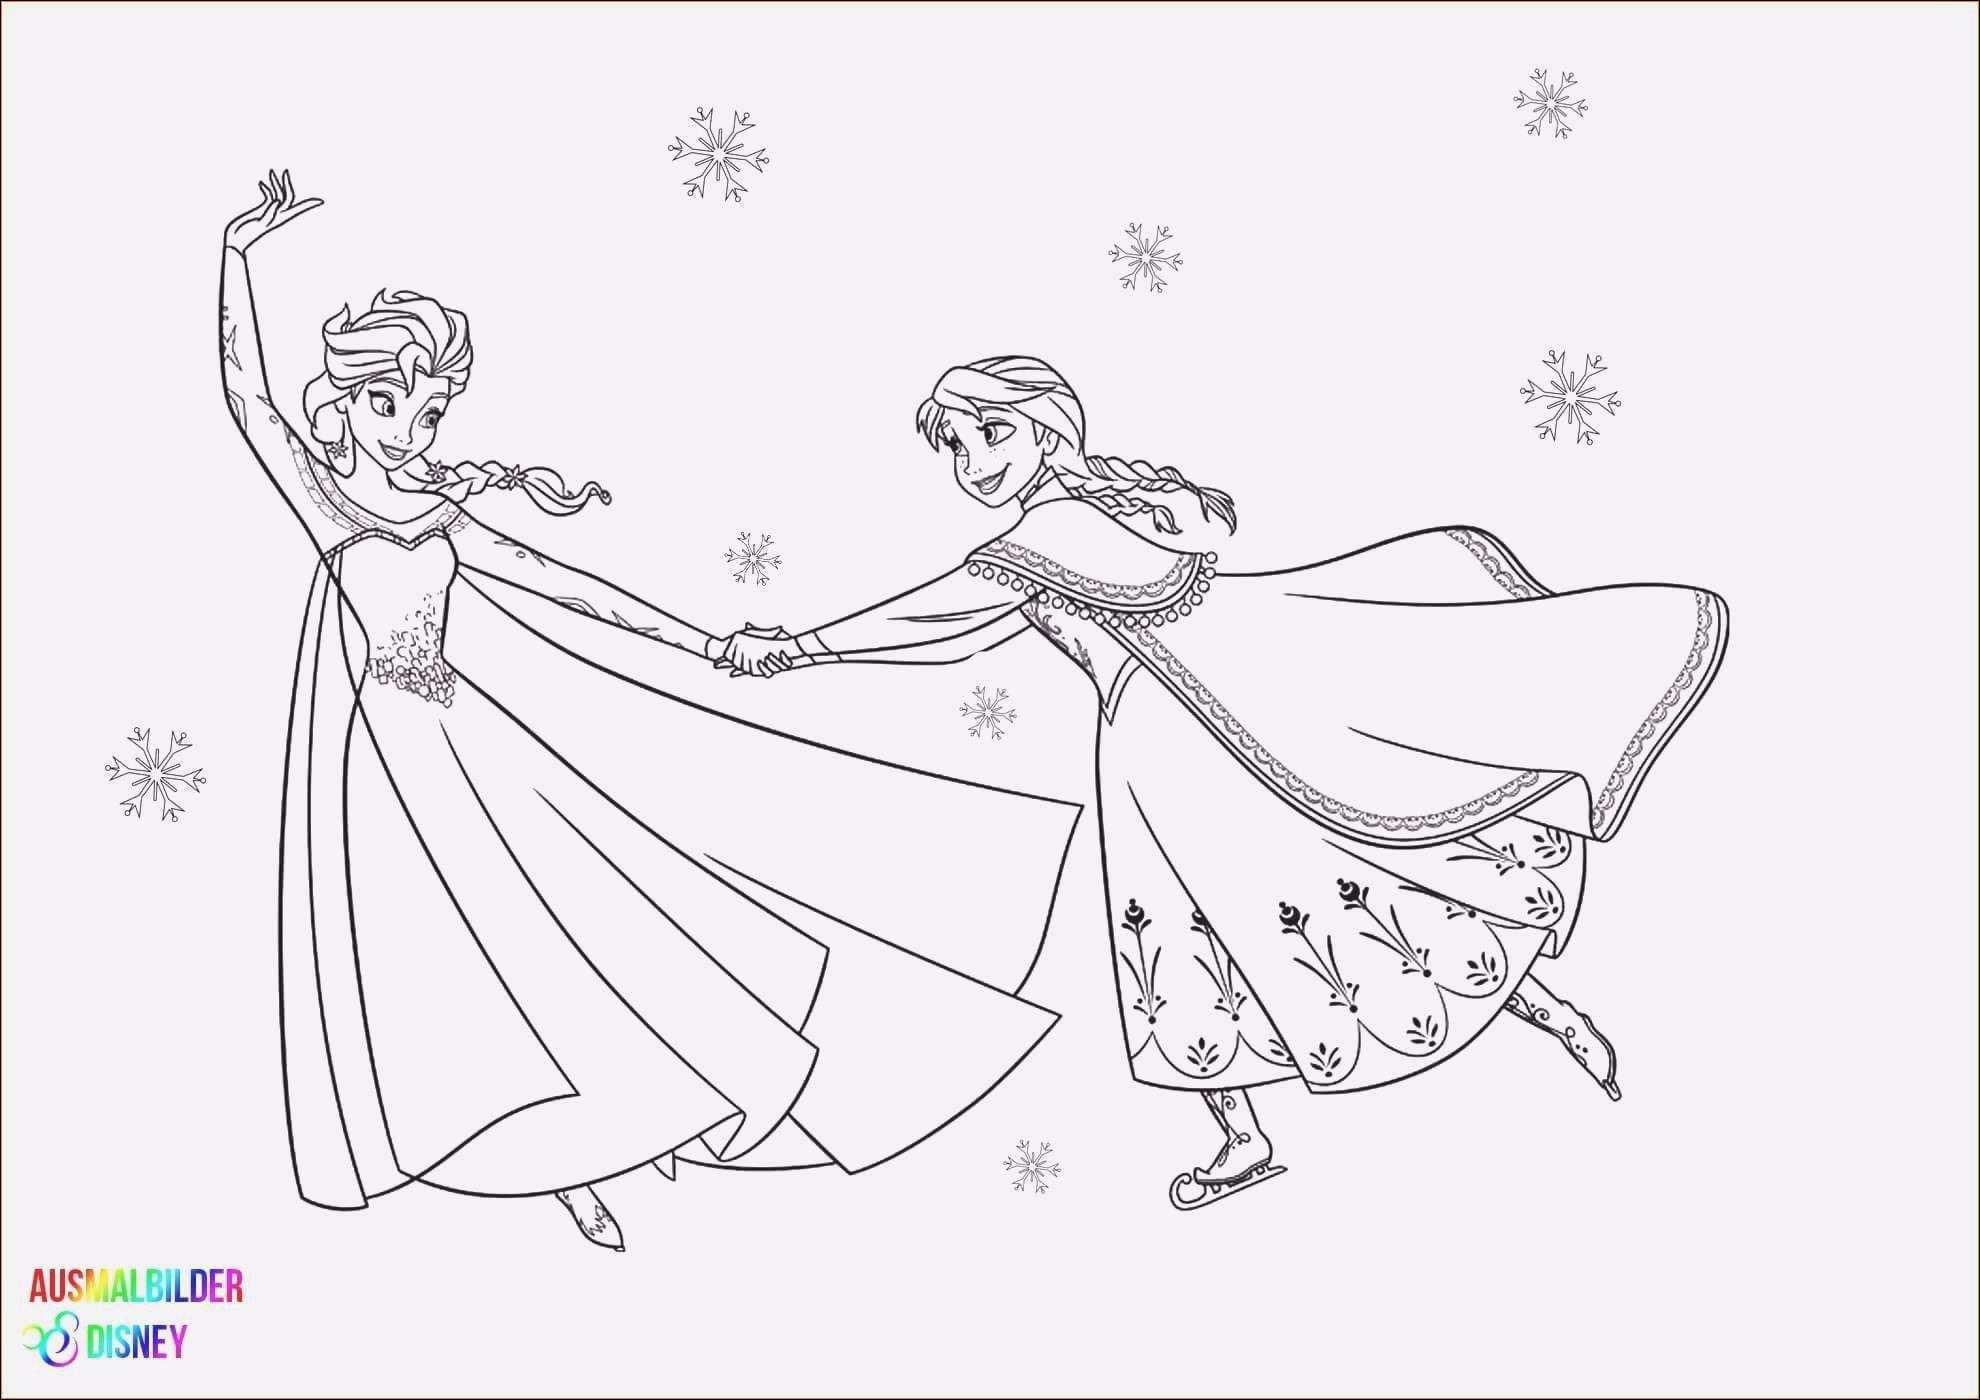 Disney Ausmalbilder Online Ausmalen Das Beste Von Zum Ausmalen Disney Prinzessin 25 Fantastisch Stock